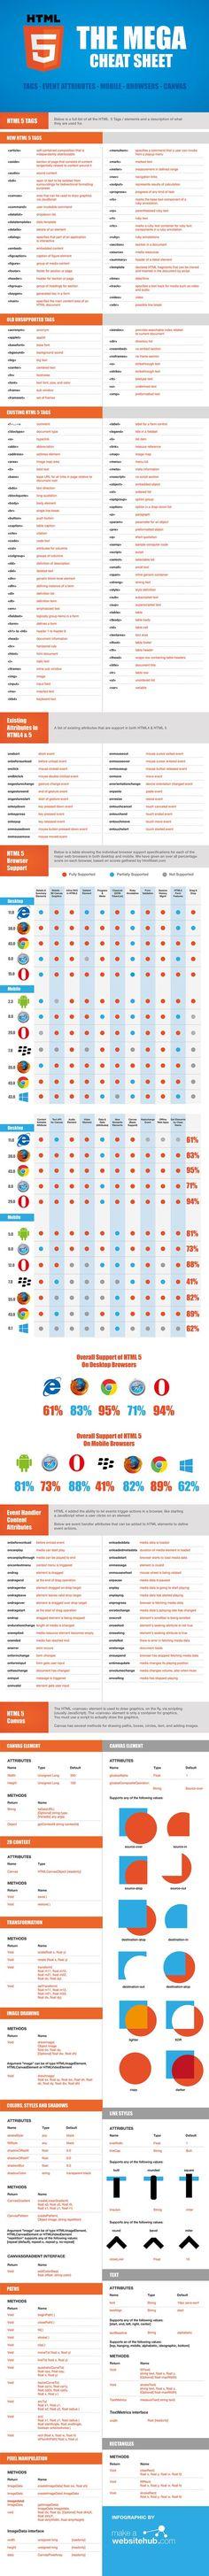 Cheat-Sheet für HTML5-Entwickler. (Grafik: MakeAWebsiteHub.com )…: